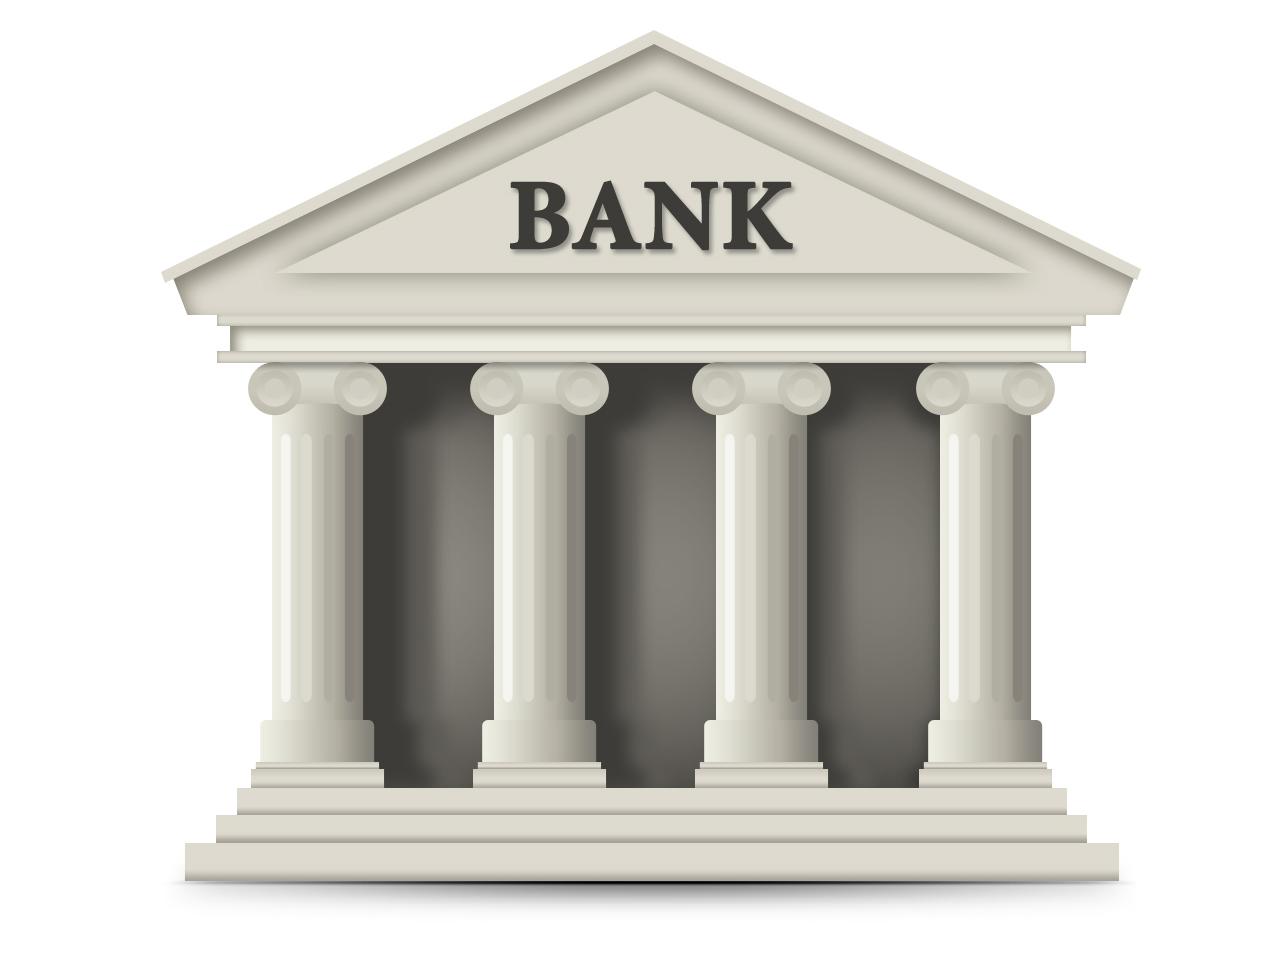 En qu banco coloco mi dinero zincapital - Fotos de bancos para sentarse ...